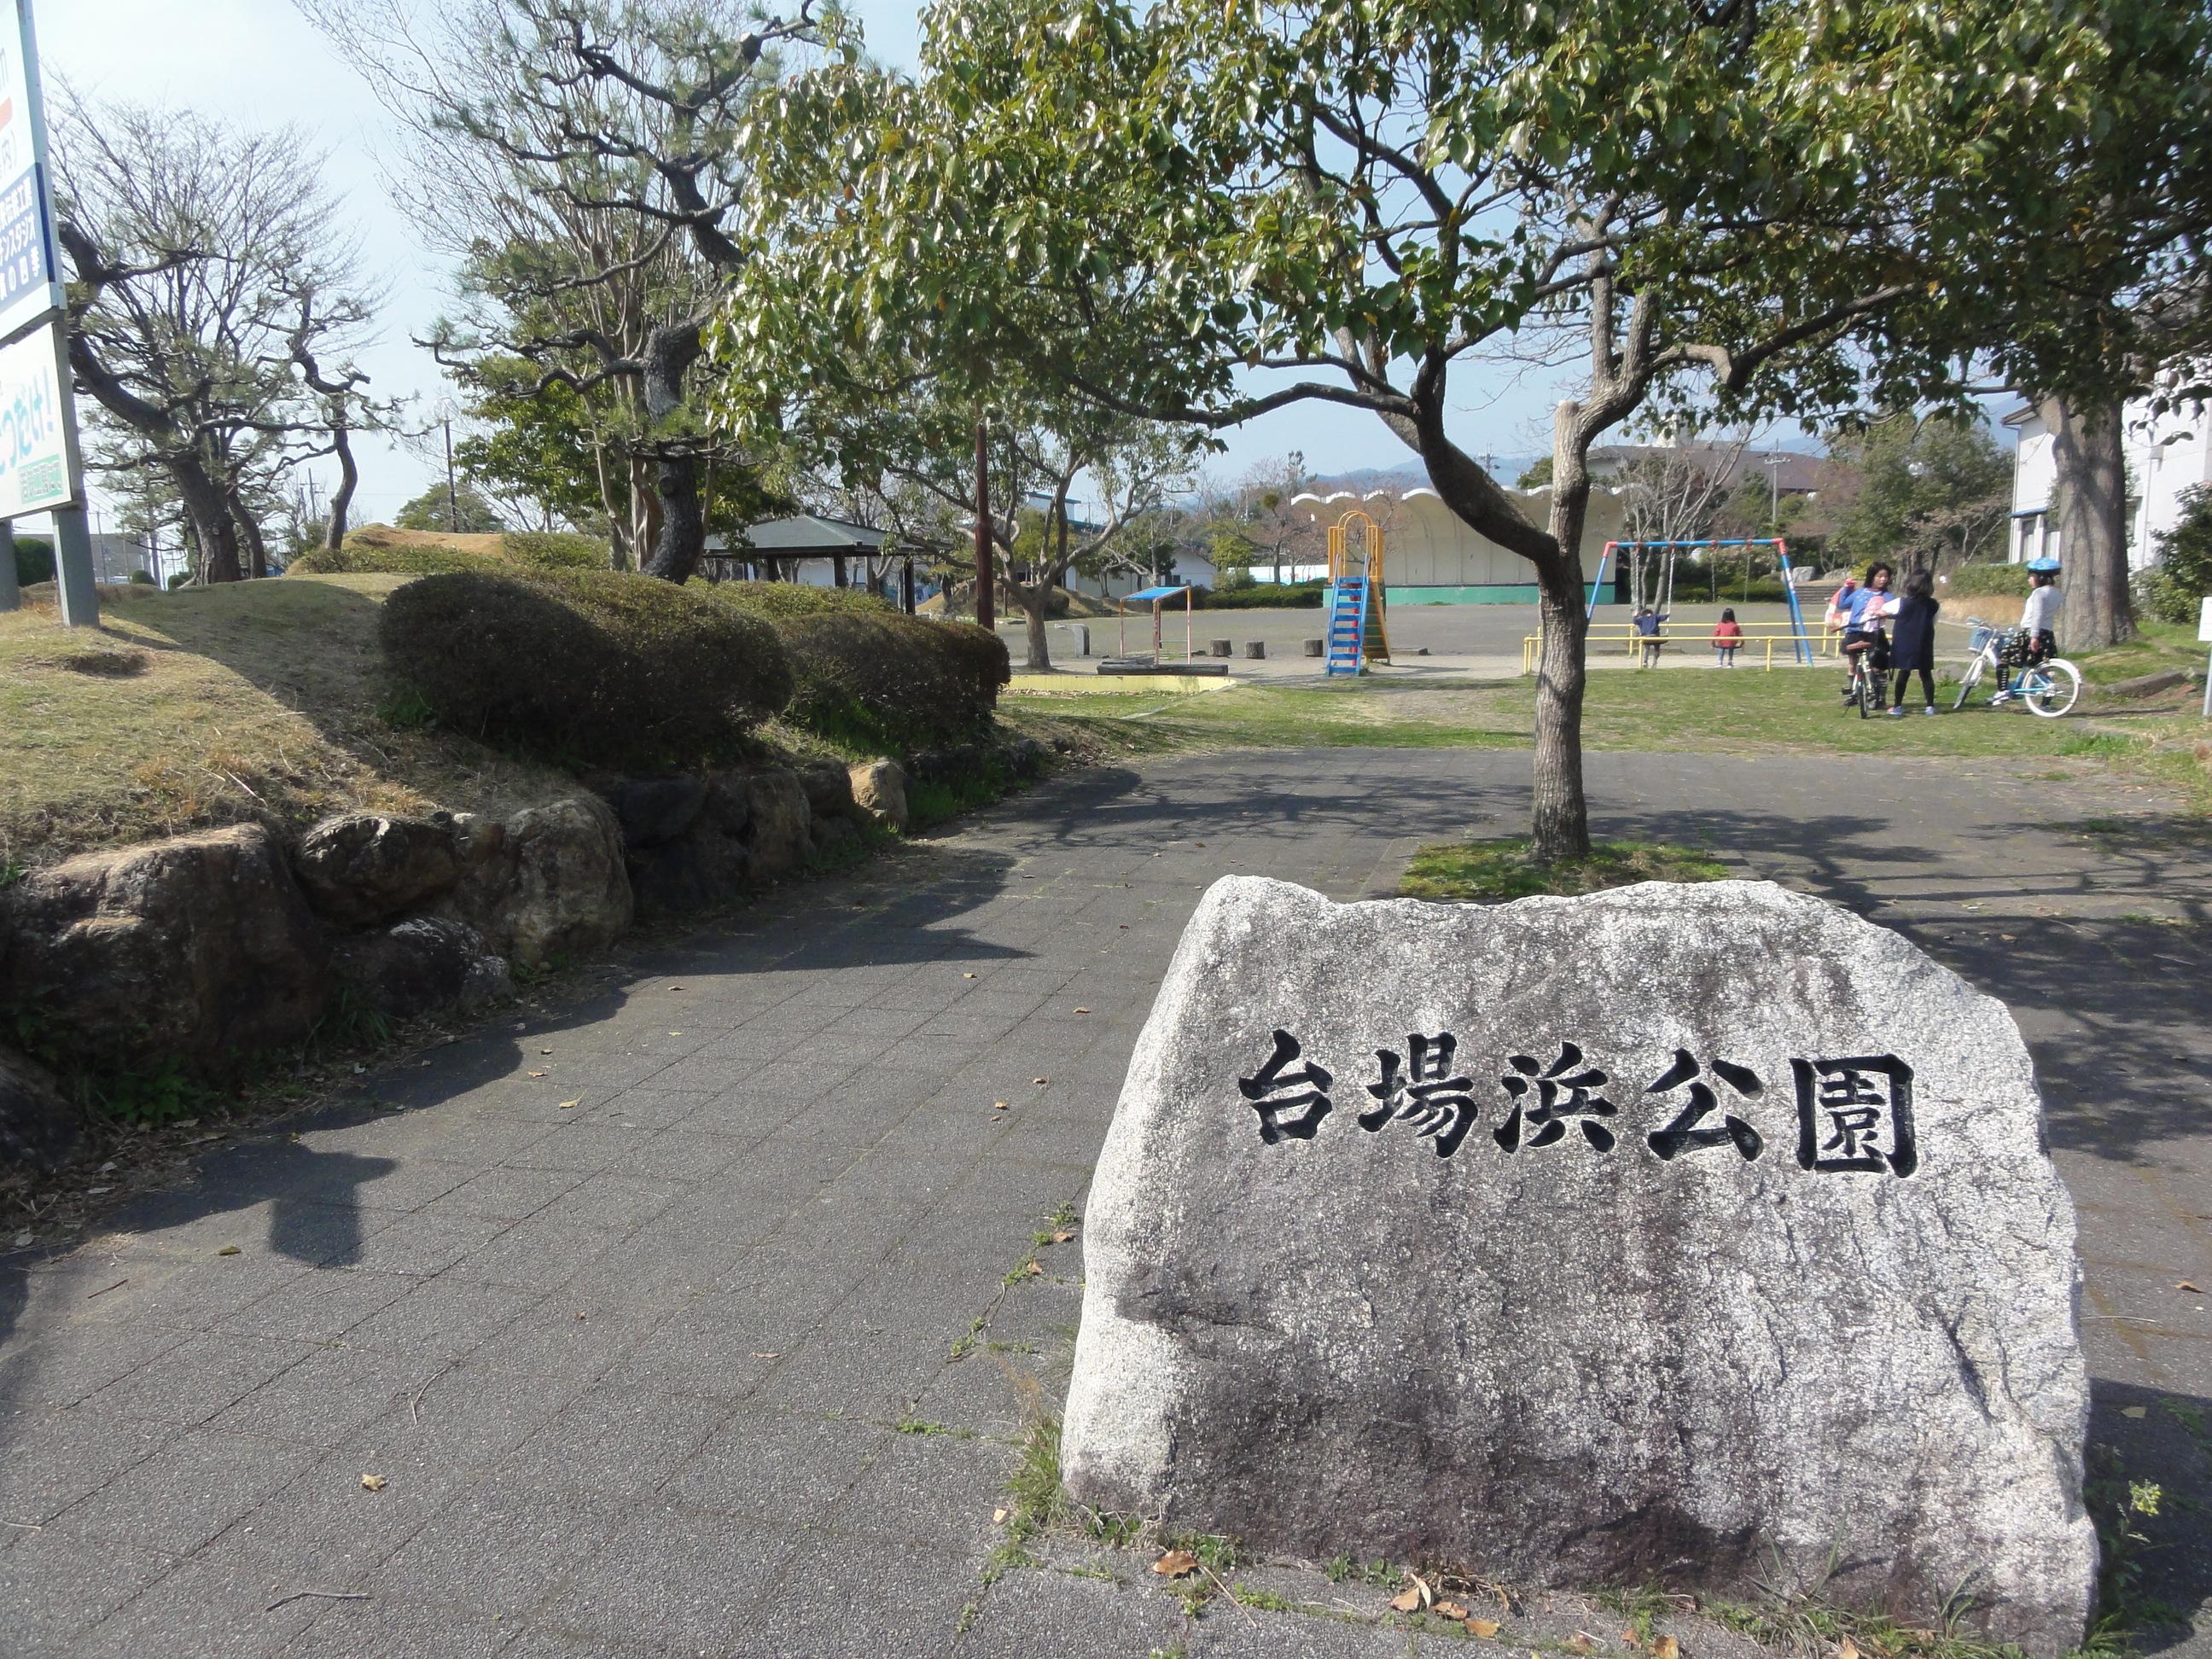 台場浜公園(小浜市川崎)